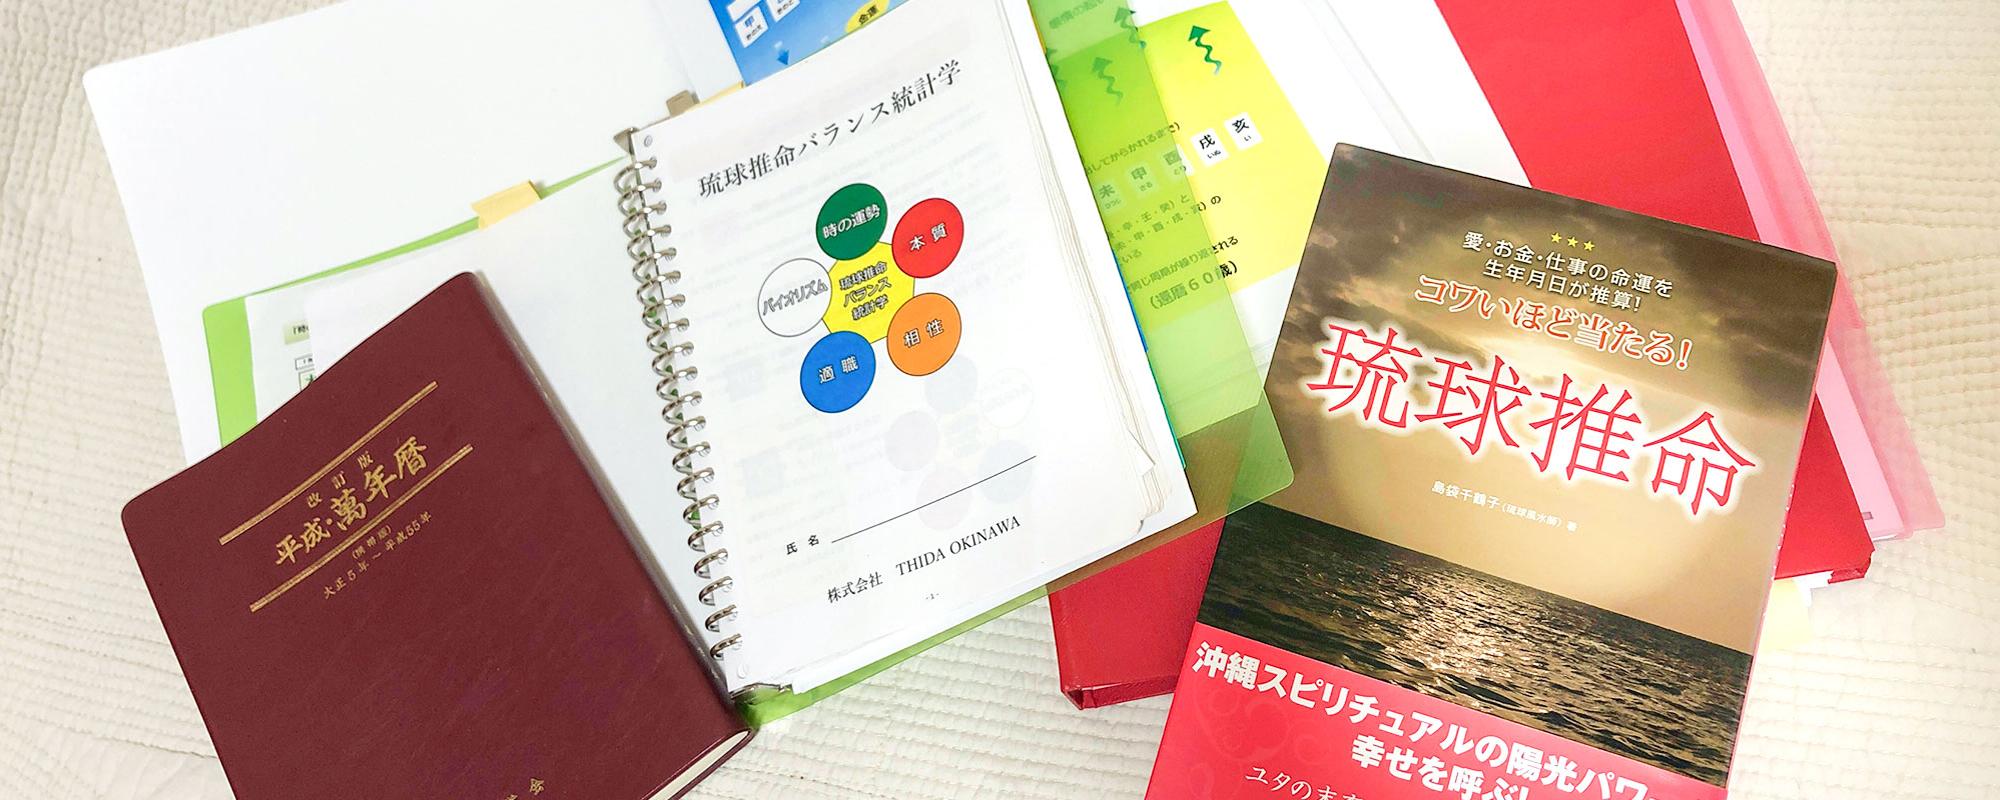 琉球推命バランス統計学のイメージ